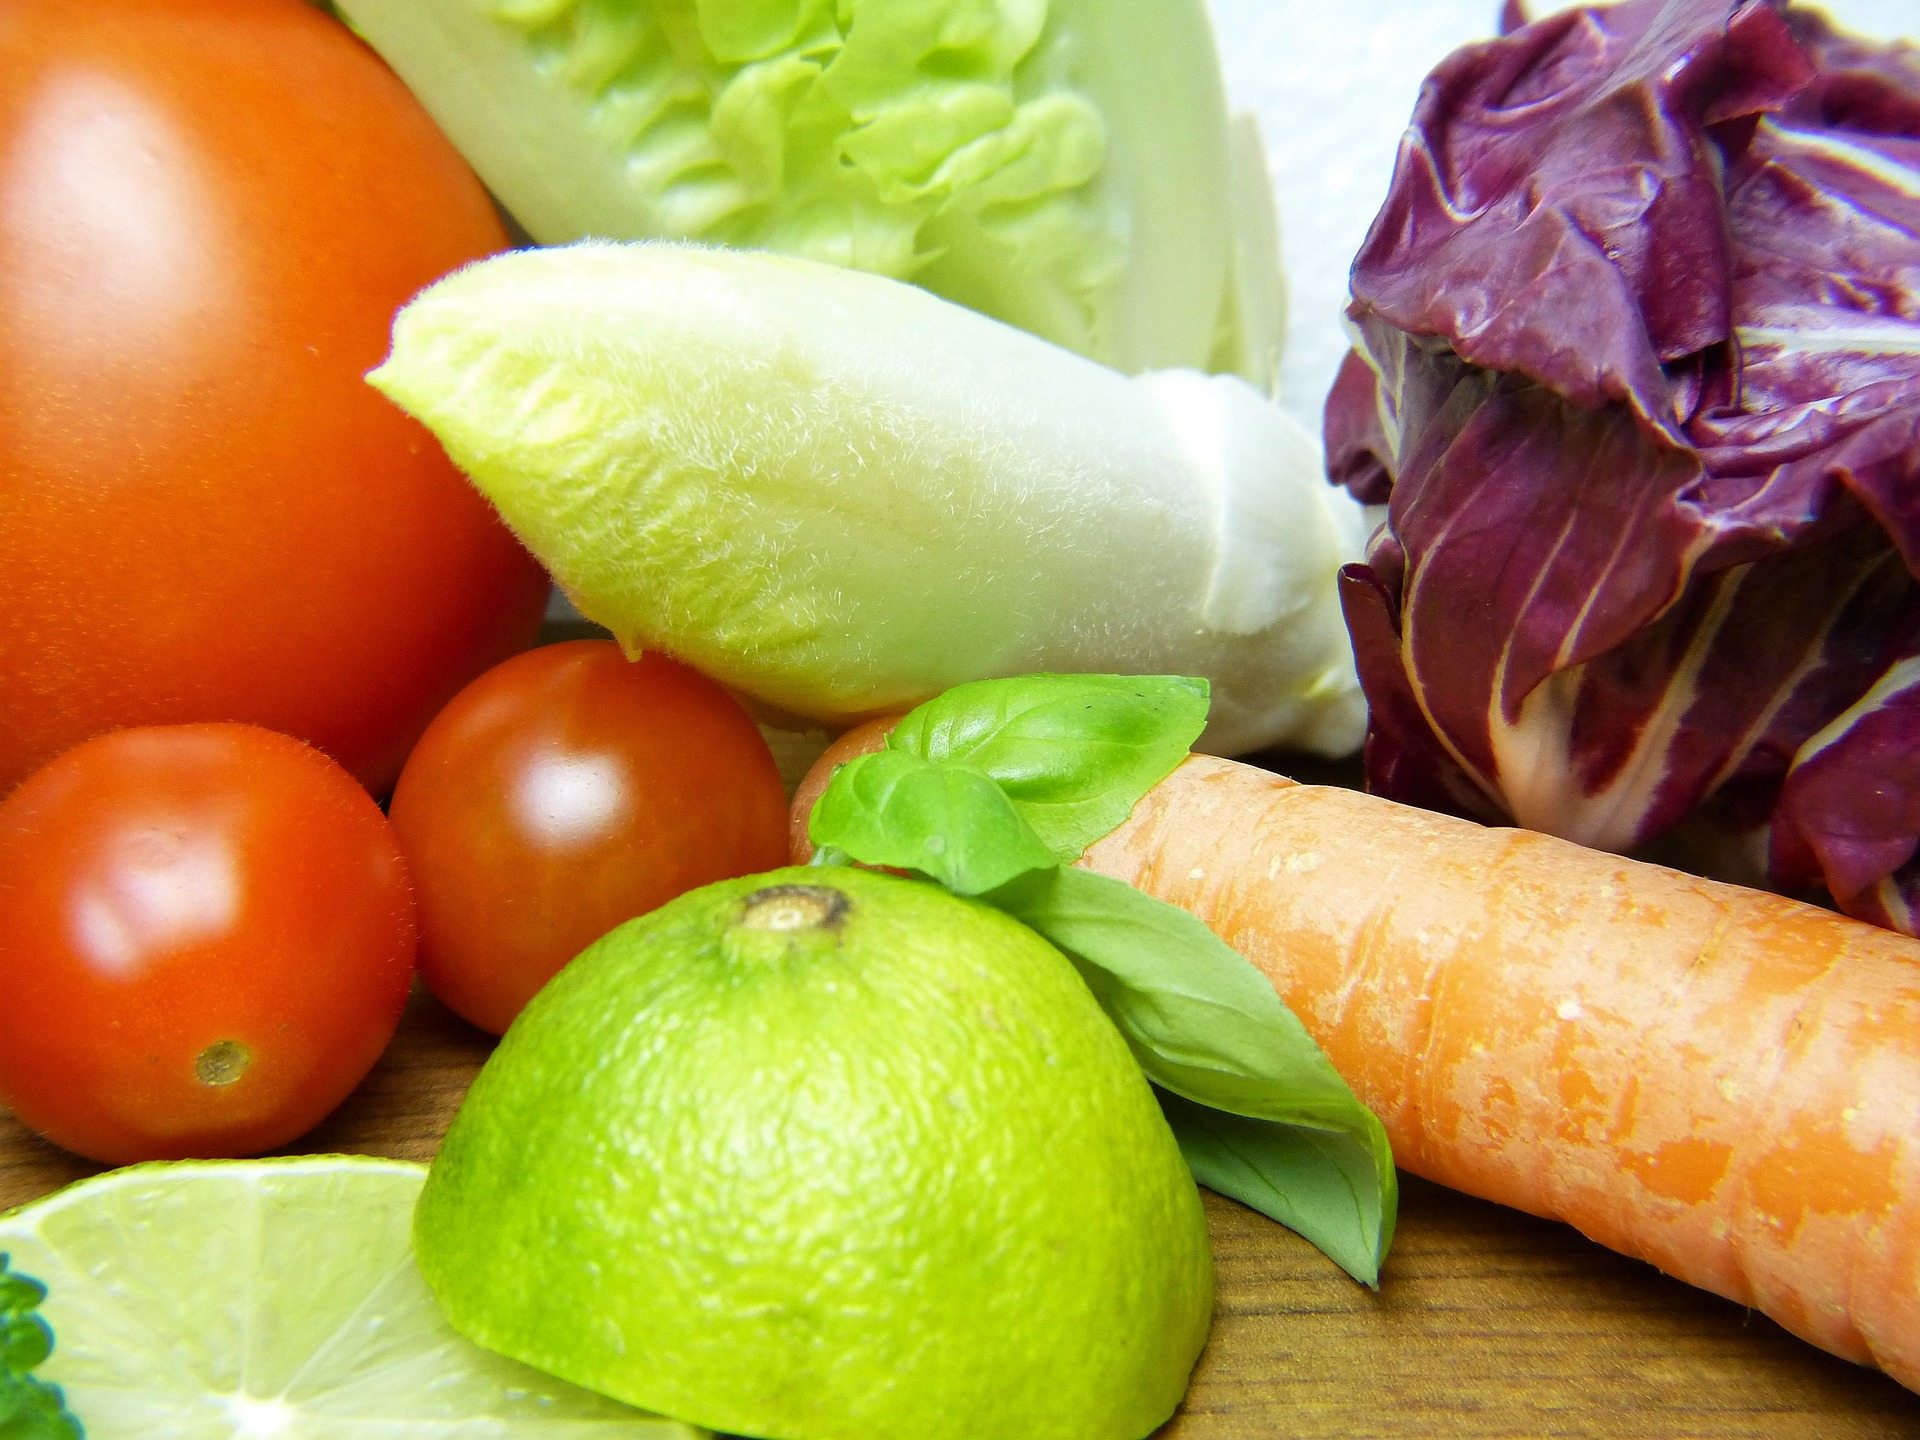 vegetables-2021819_1920